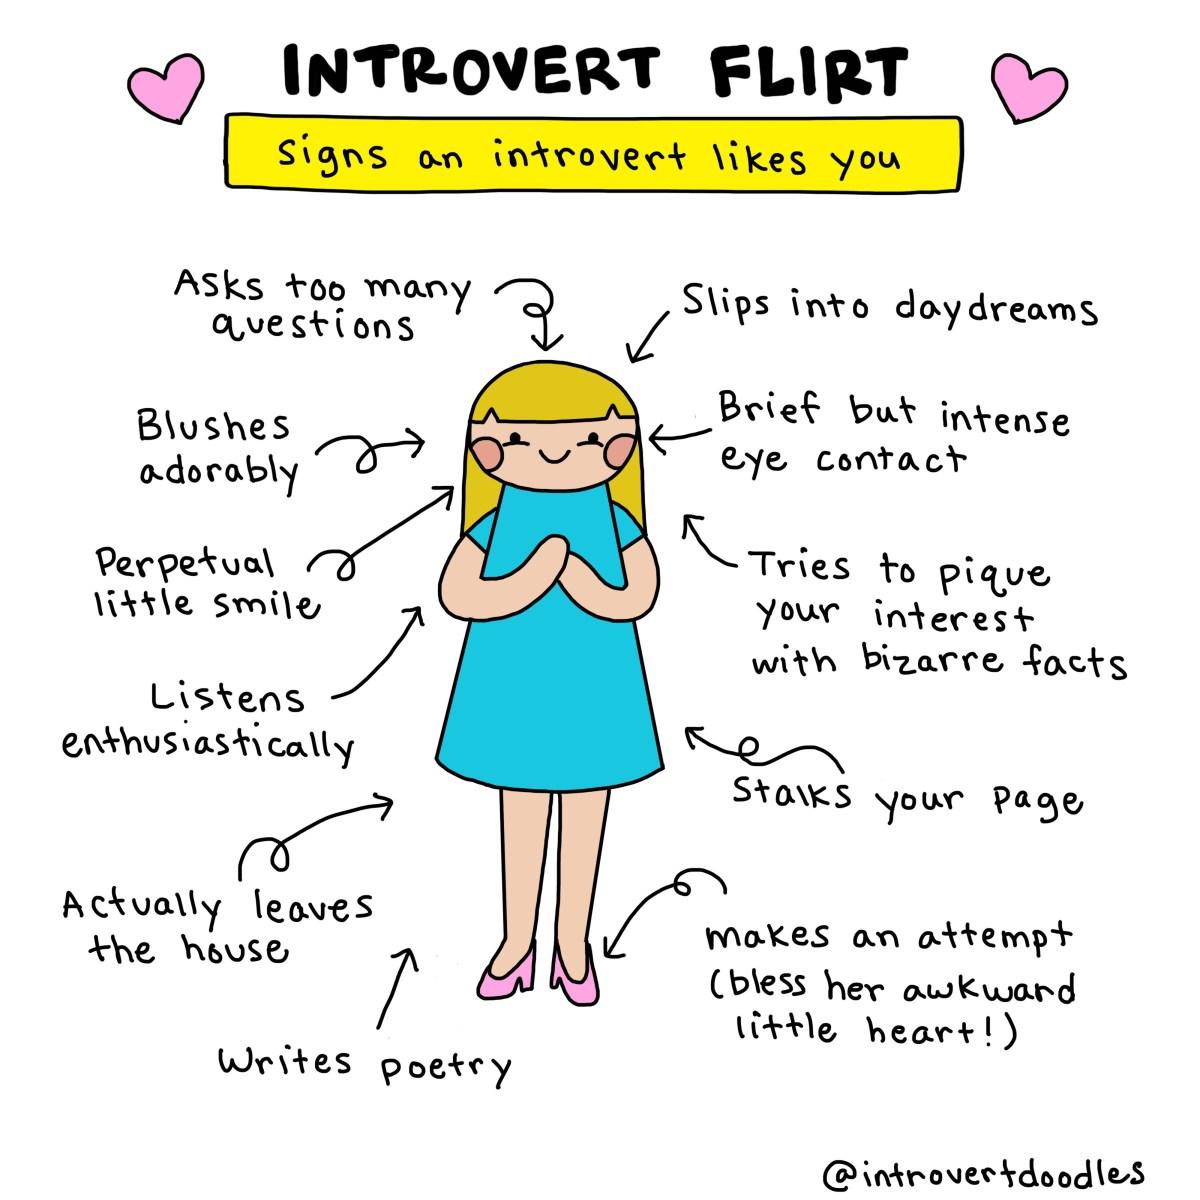 Introvert Flirt | Introvert doodles